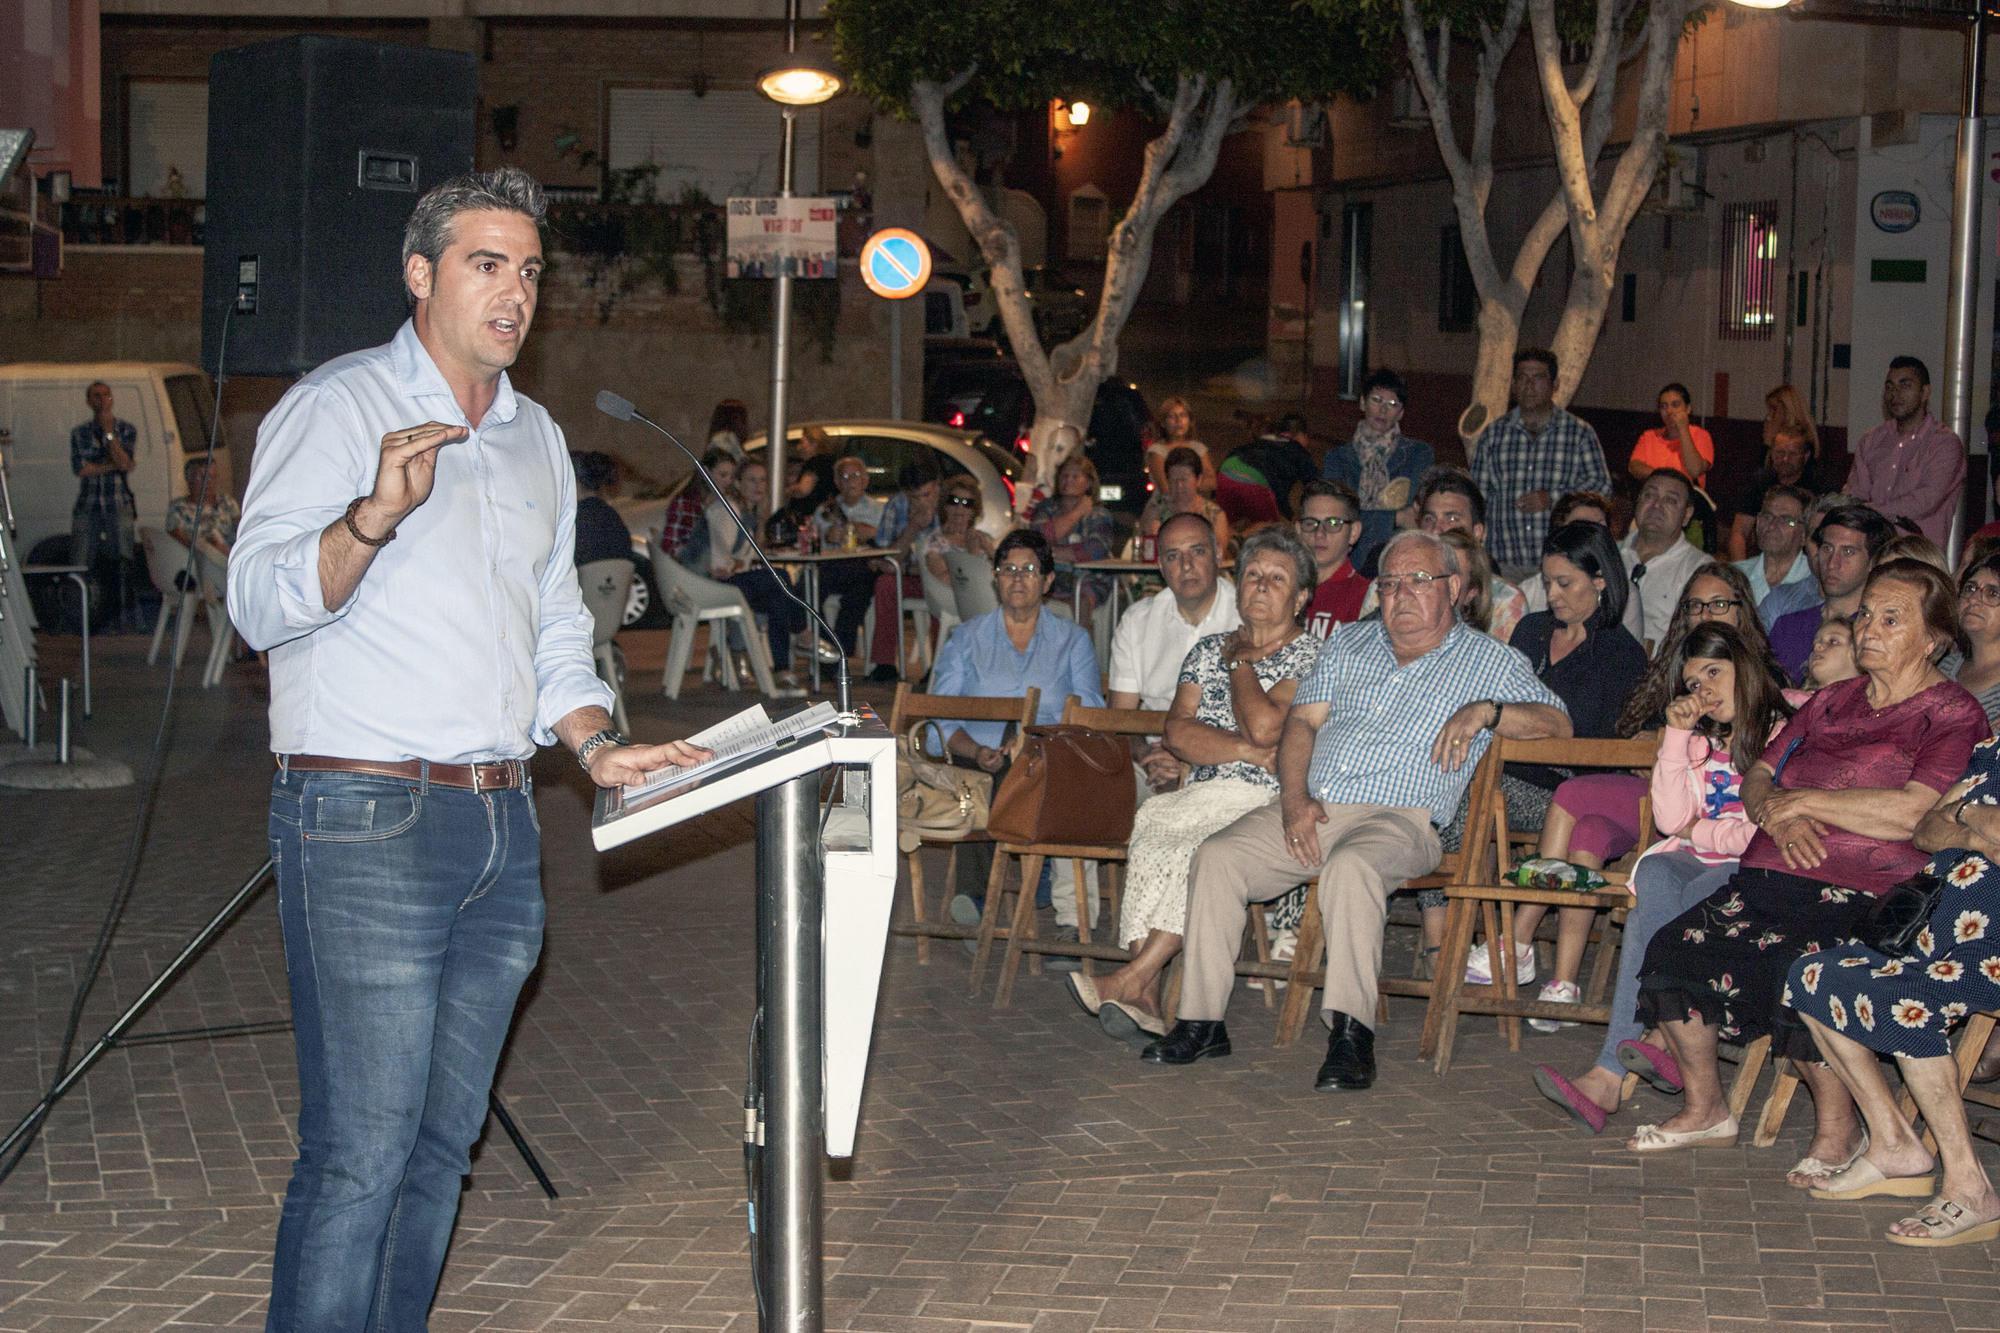 El candidato del PSOE a la Alcaldía de Viator propone un paquete de medidas para fomentar el empleo y ampliar la participación ciudadana